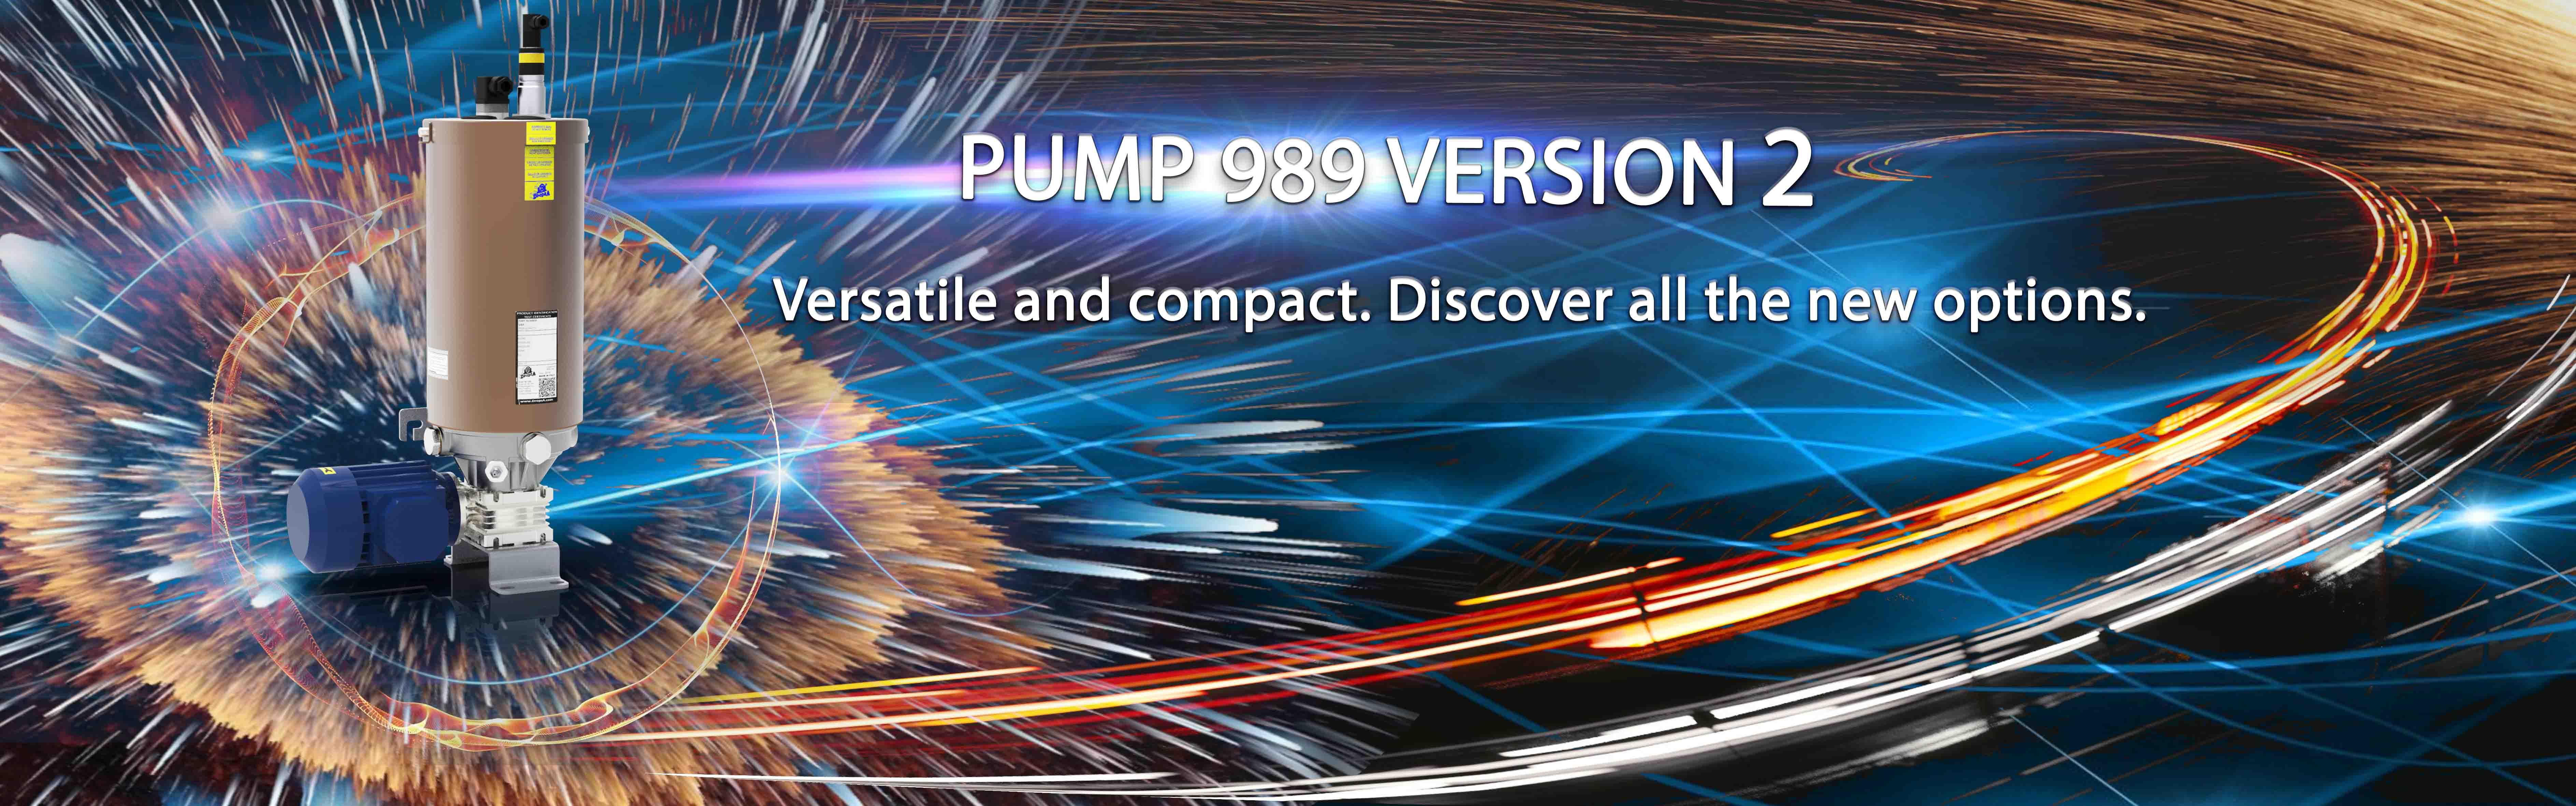 New 989 V2 pump